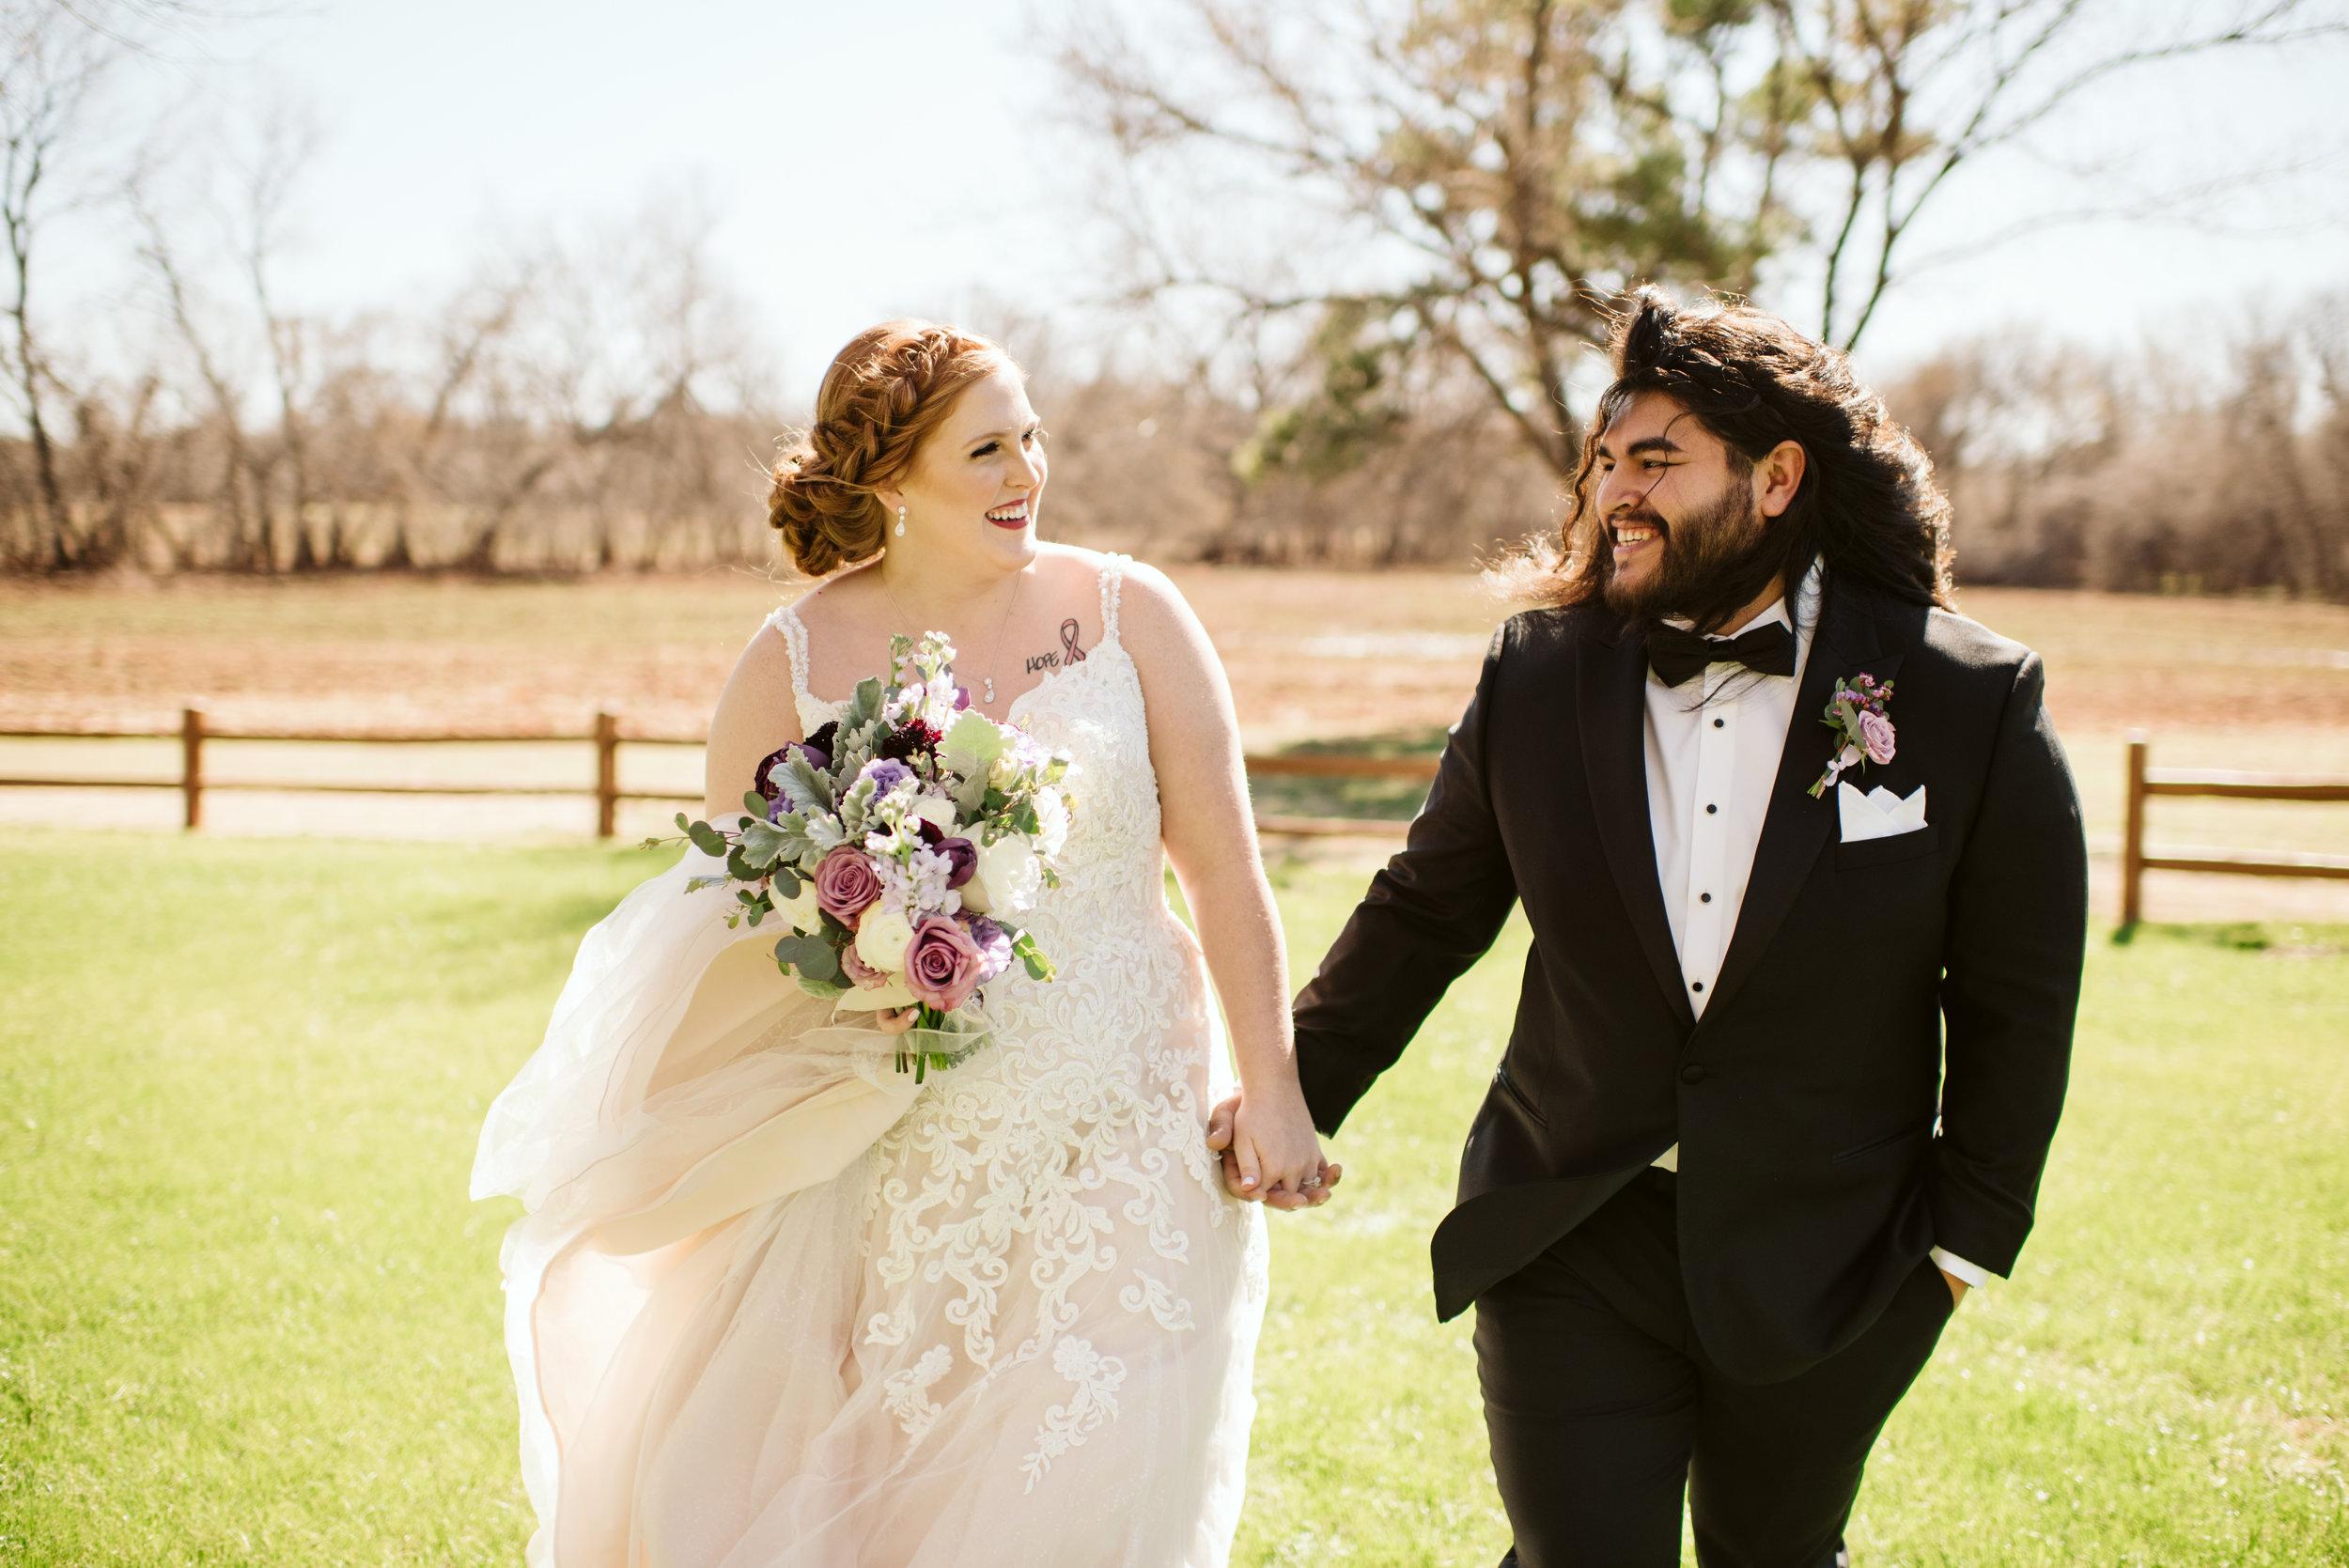 Taylor-Jose-Wedding-212.jpg